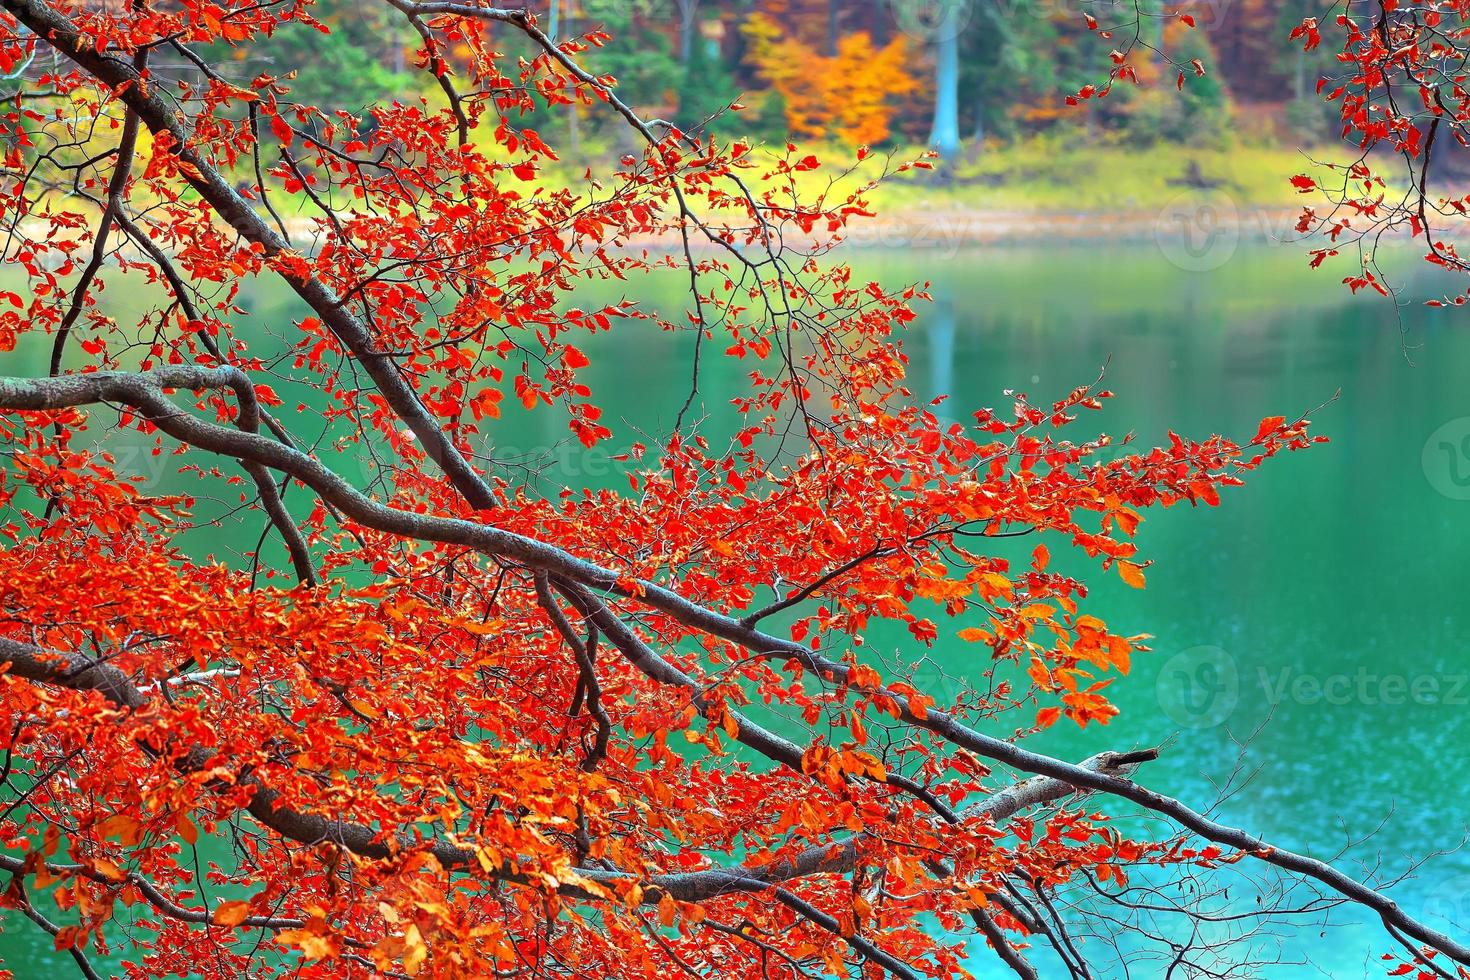 kleur takken van bomen in de herfst foto